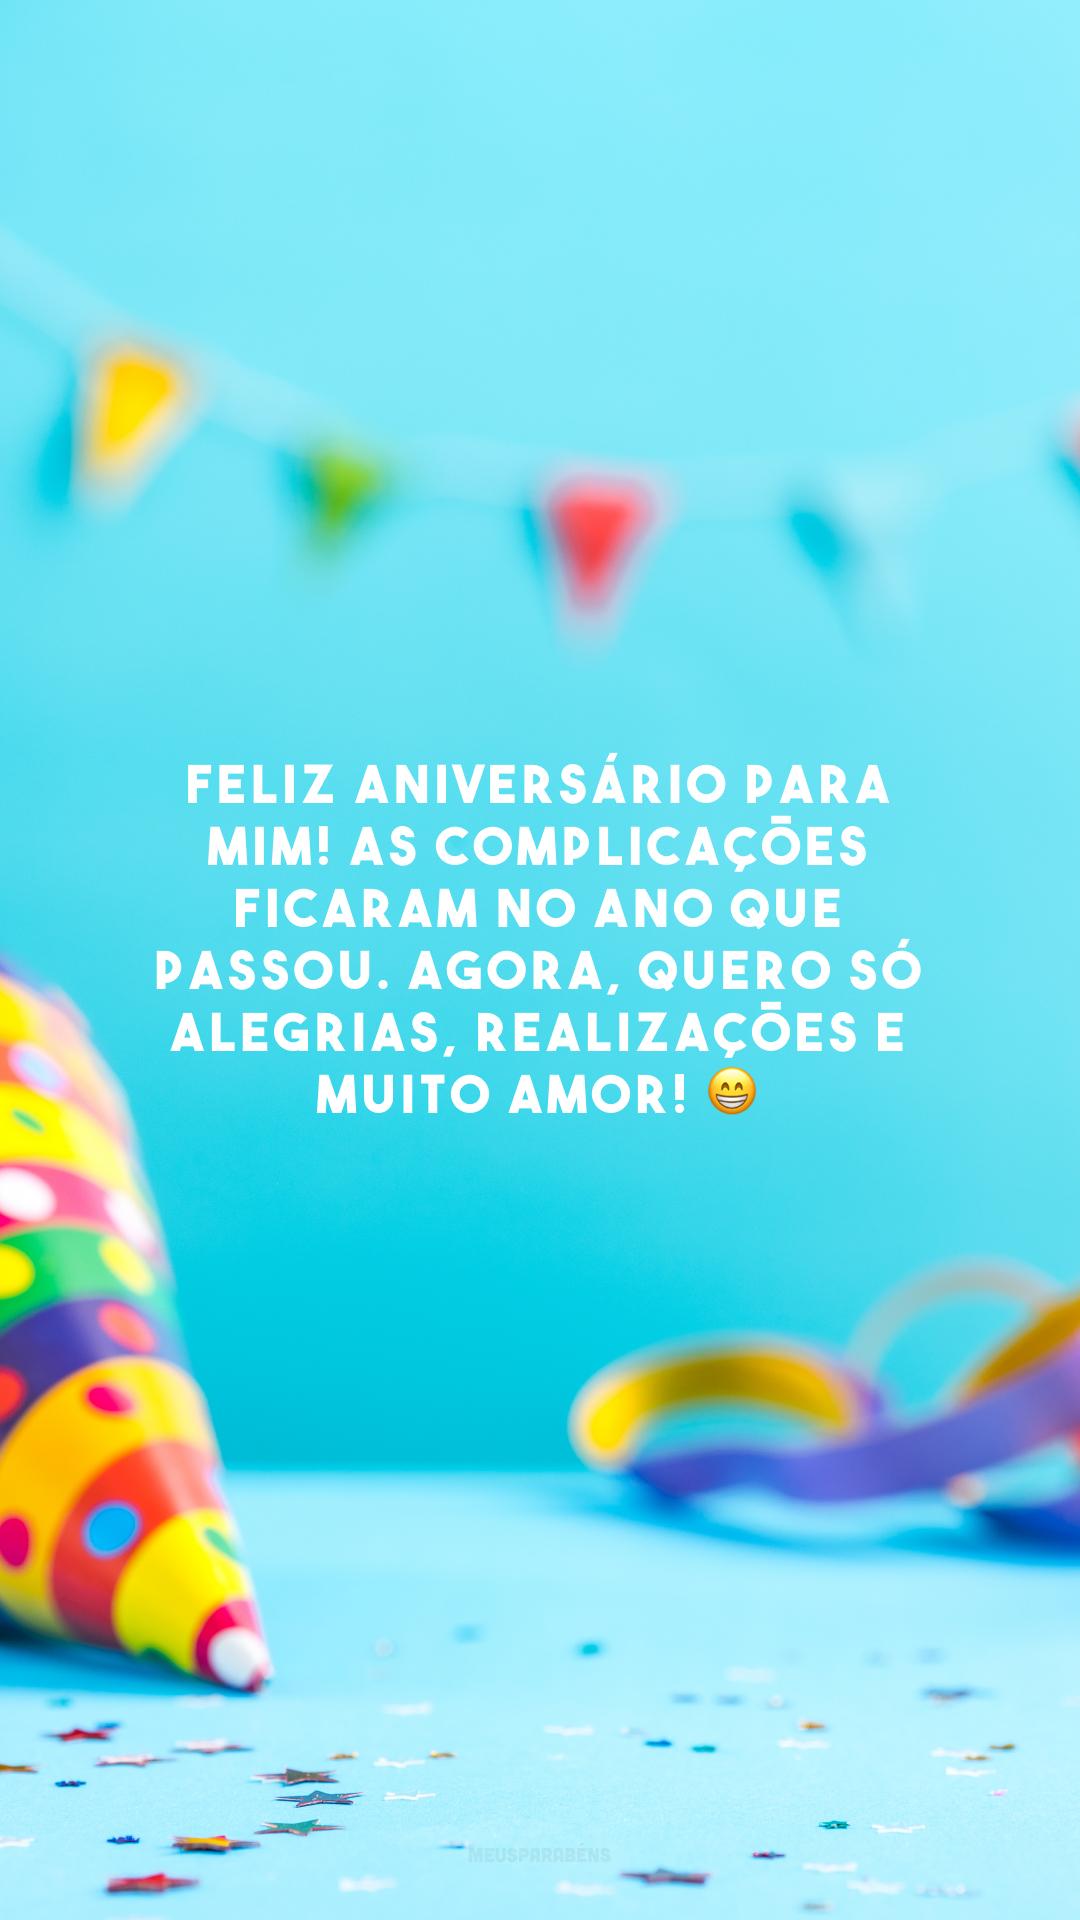 Feliz aniversário para mim! As complicações ficaram no ano que passou. Agora, quero só alegrias, realizações e muito amor! 😁